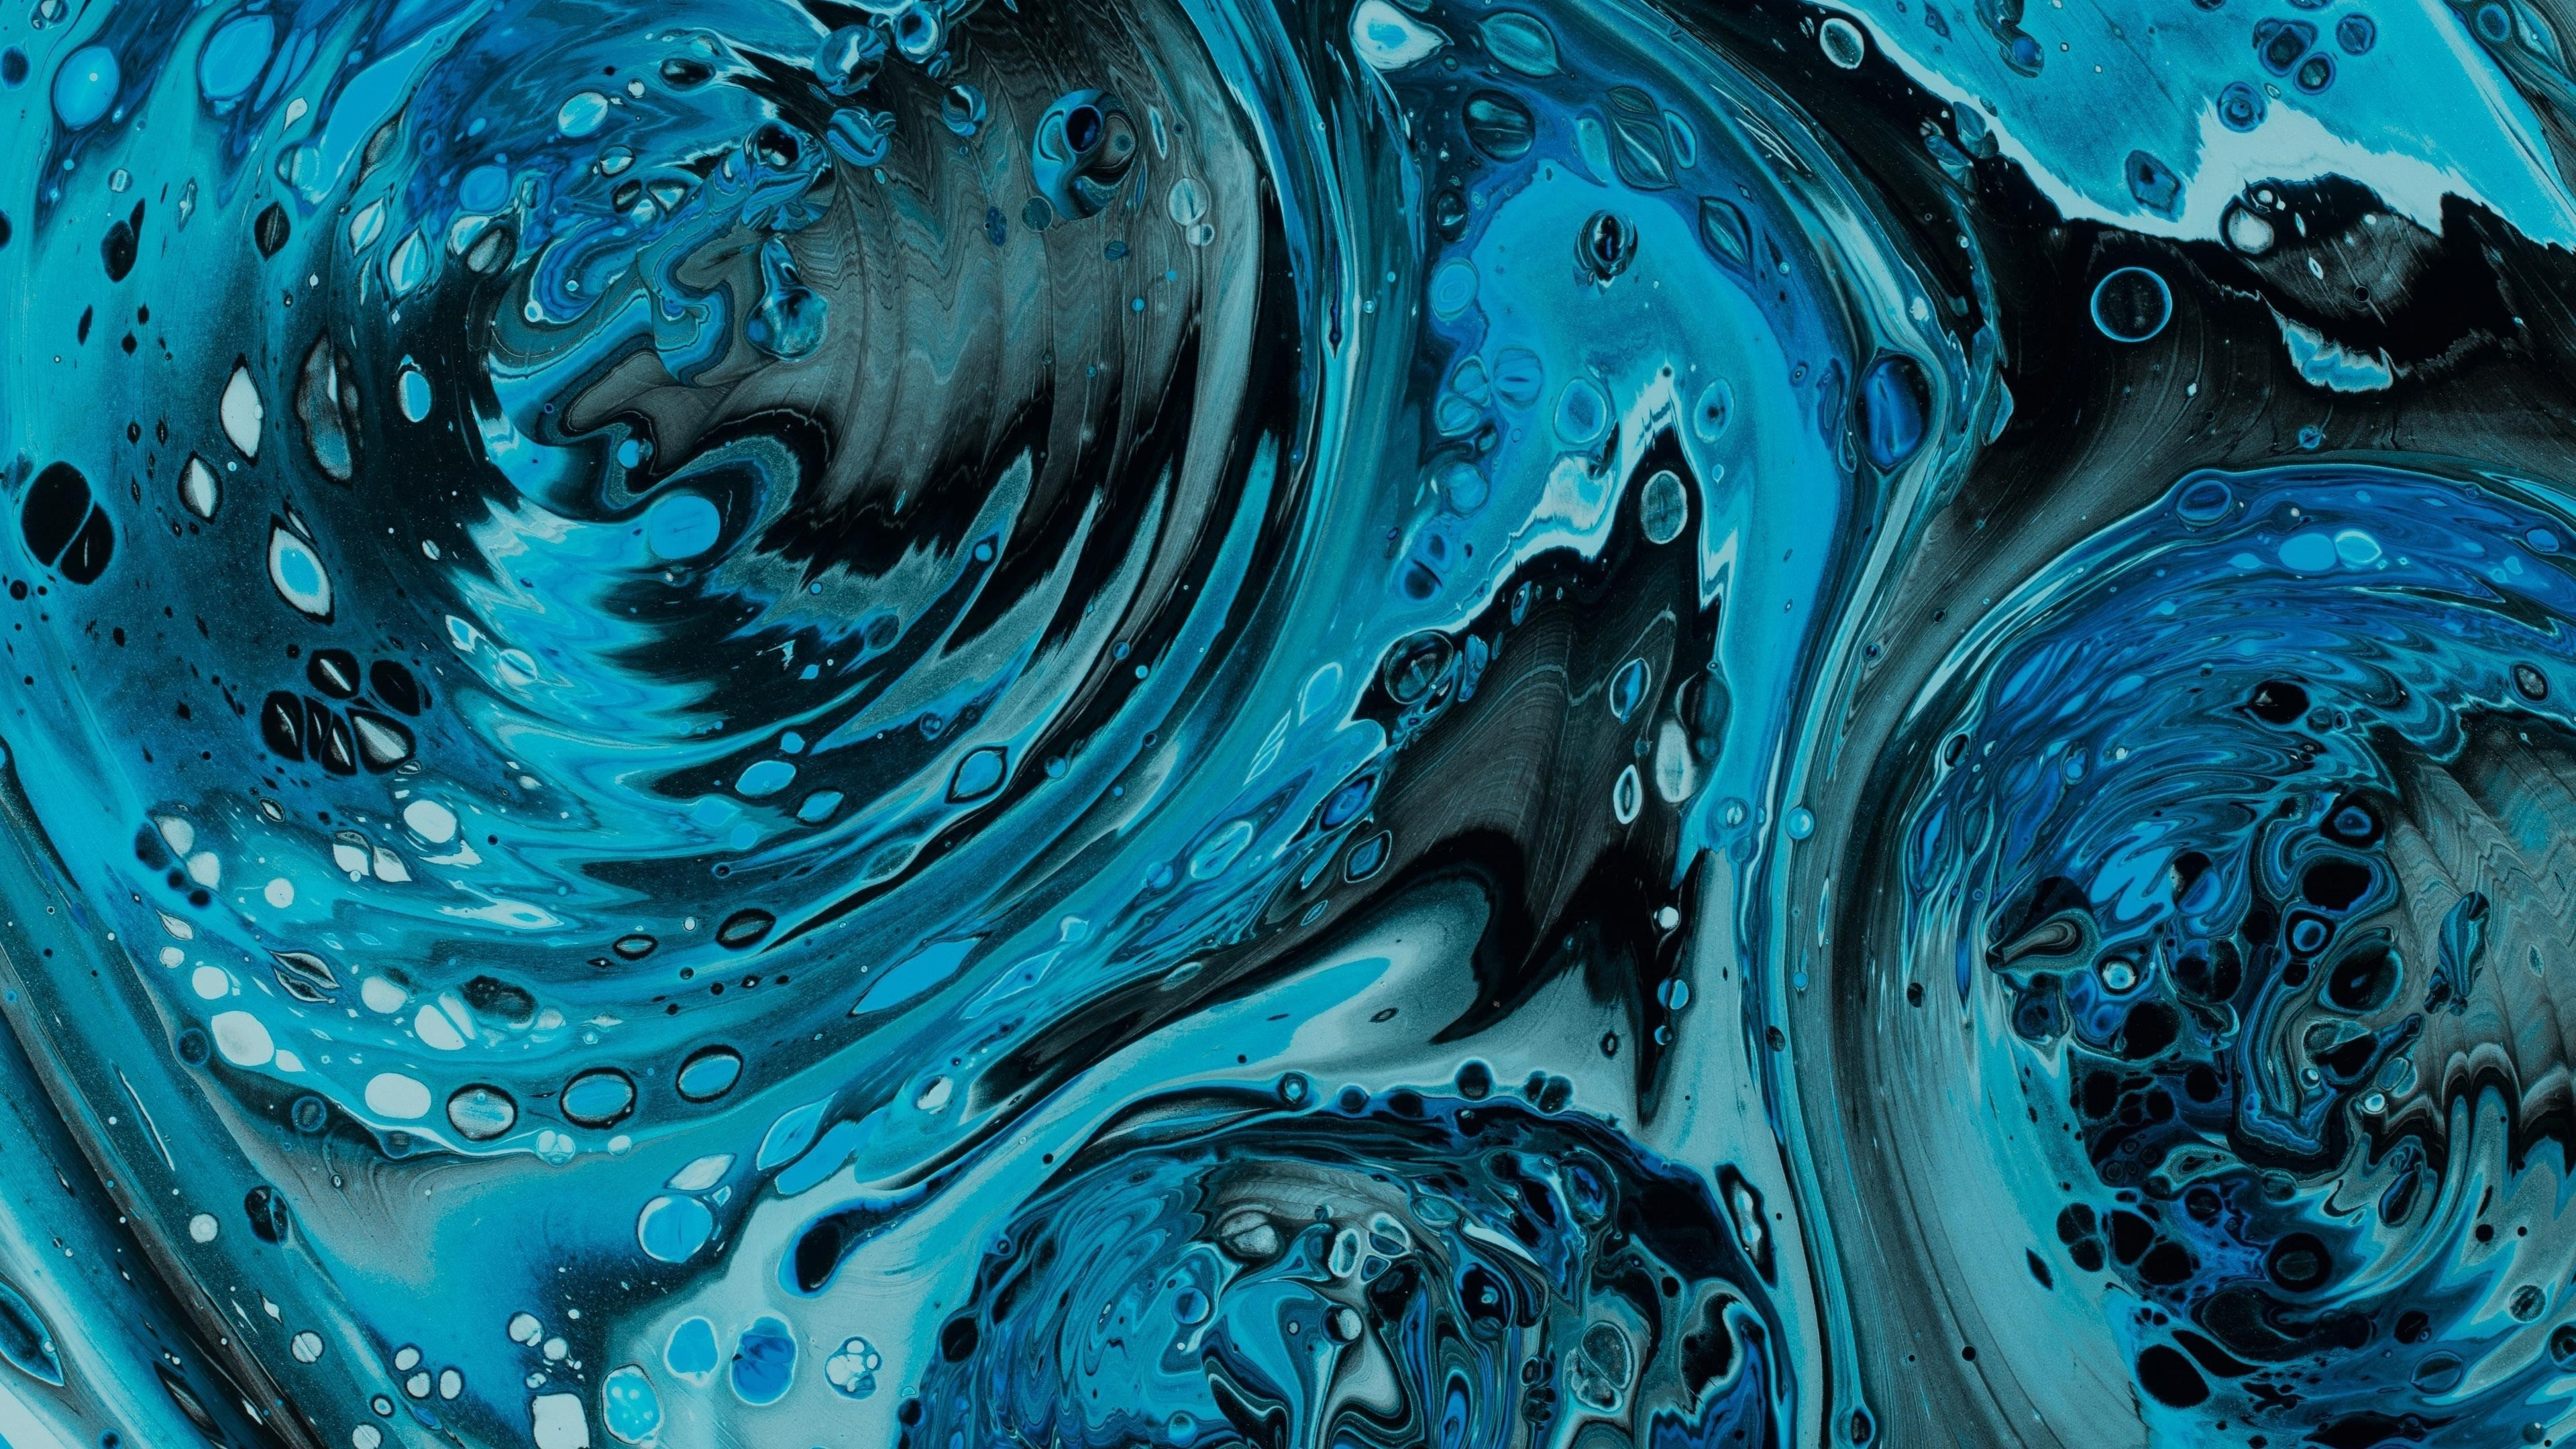 Жидкие флюидные художественные пятна искажение синяя краска абстракция обои скачать